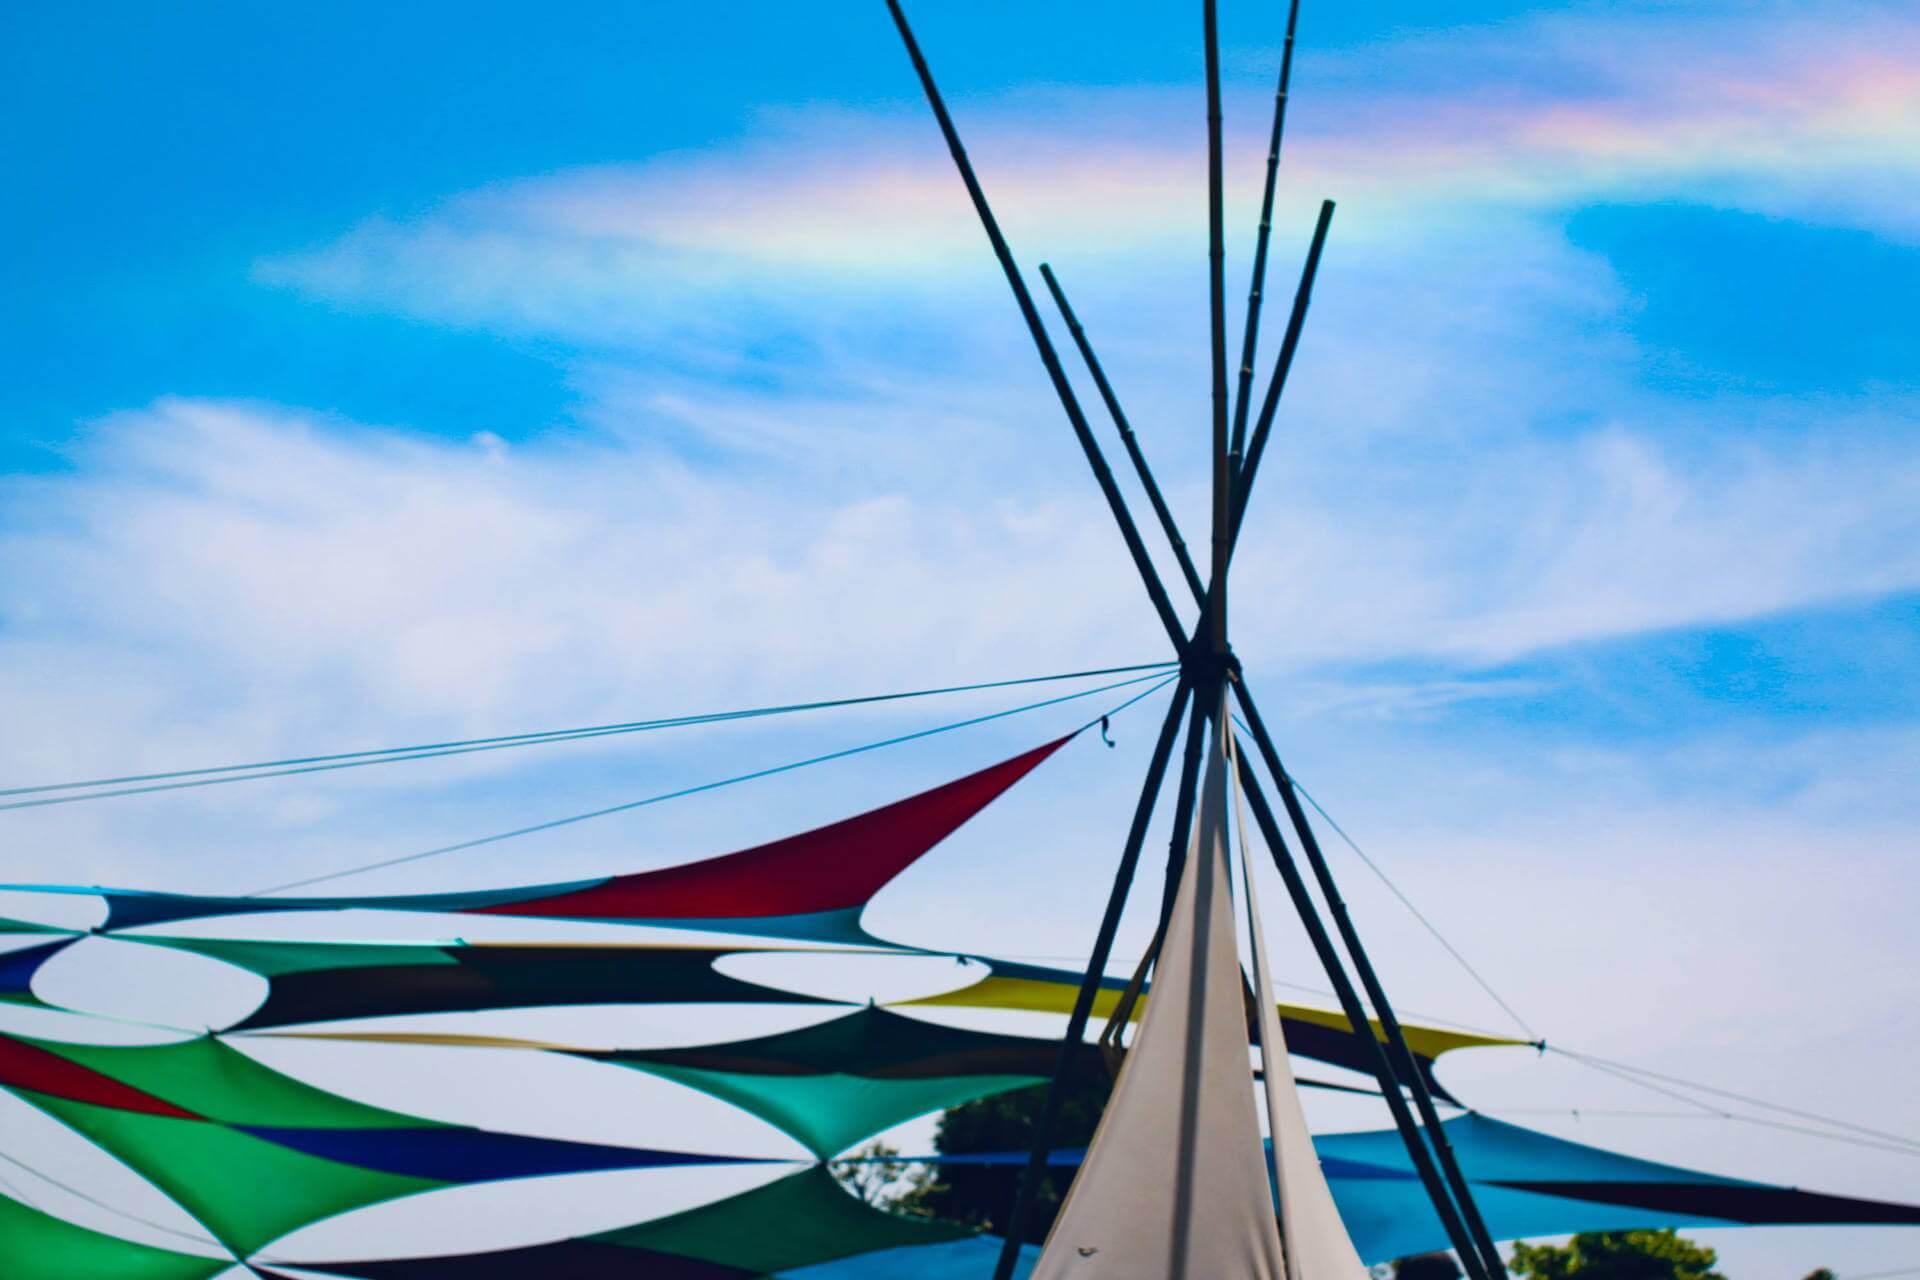 10月開催の<Brightness Open Air 2021 Autumn>第1弾ラインナップが発表!KEN ISHII、REE.K、HIROSHI WATANABE a.k.a KAITOら20組超え music210805_brightness-open-air_2